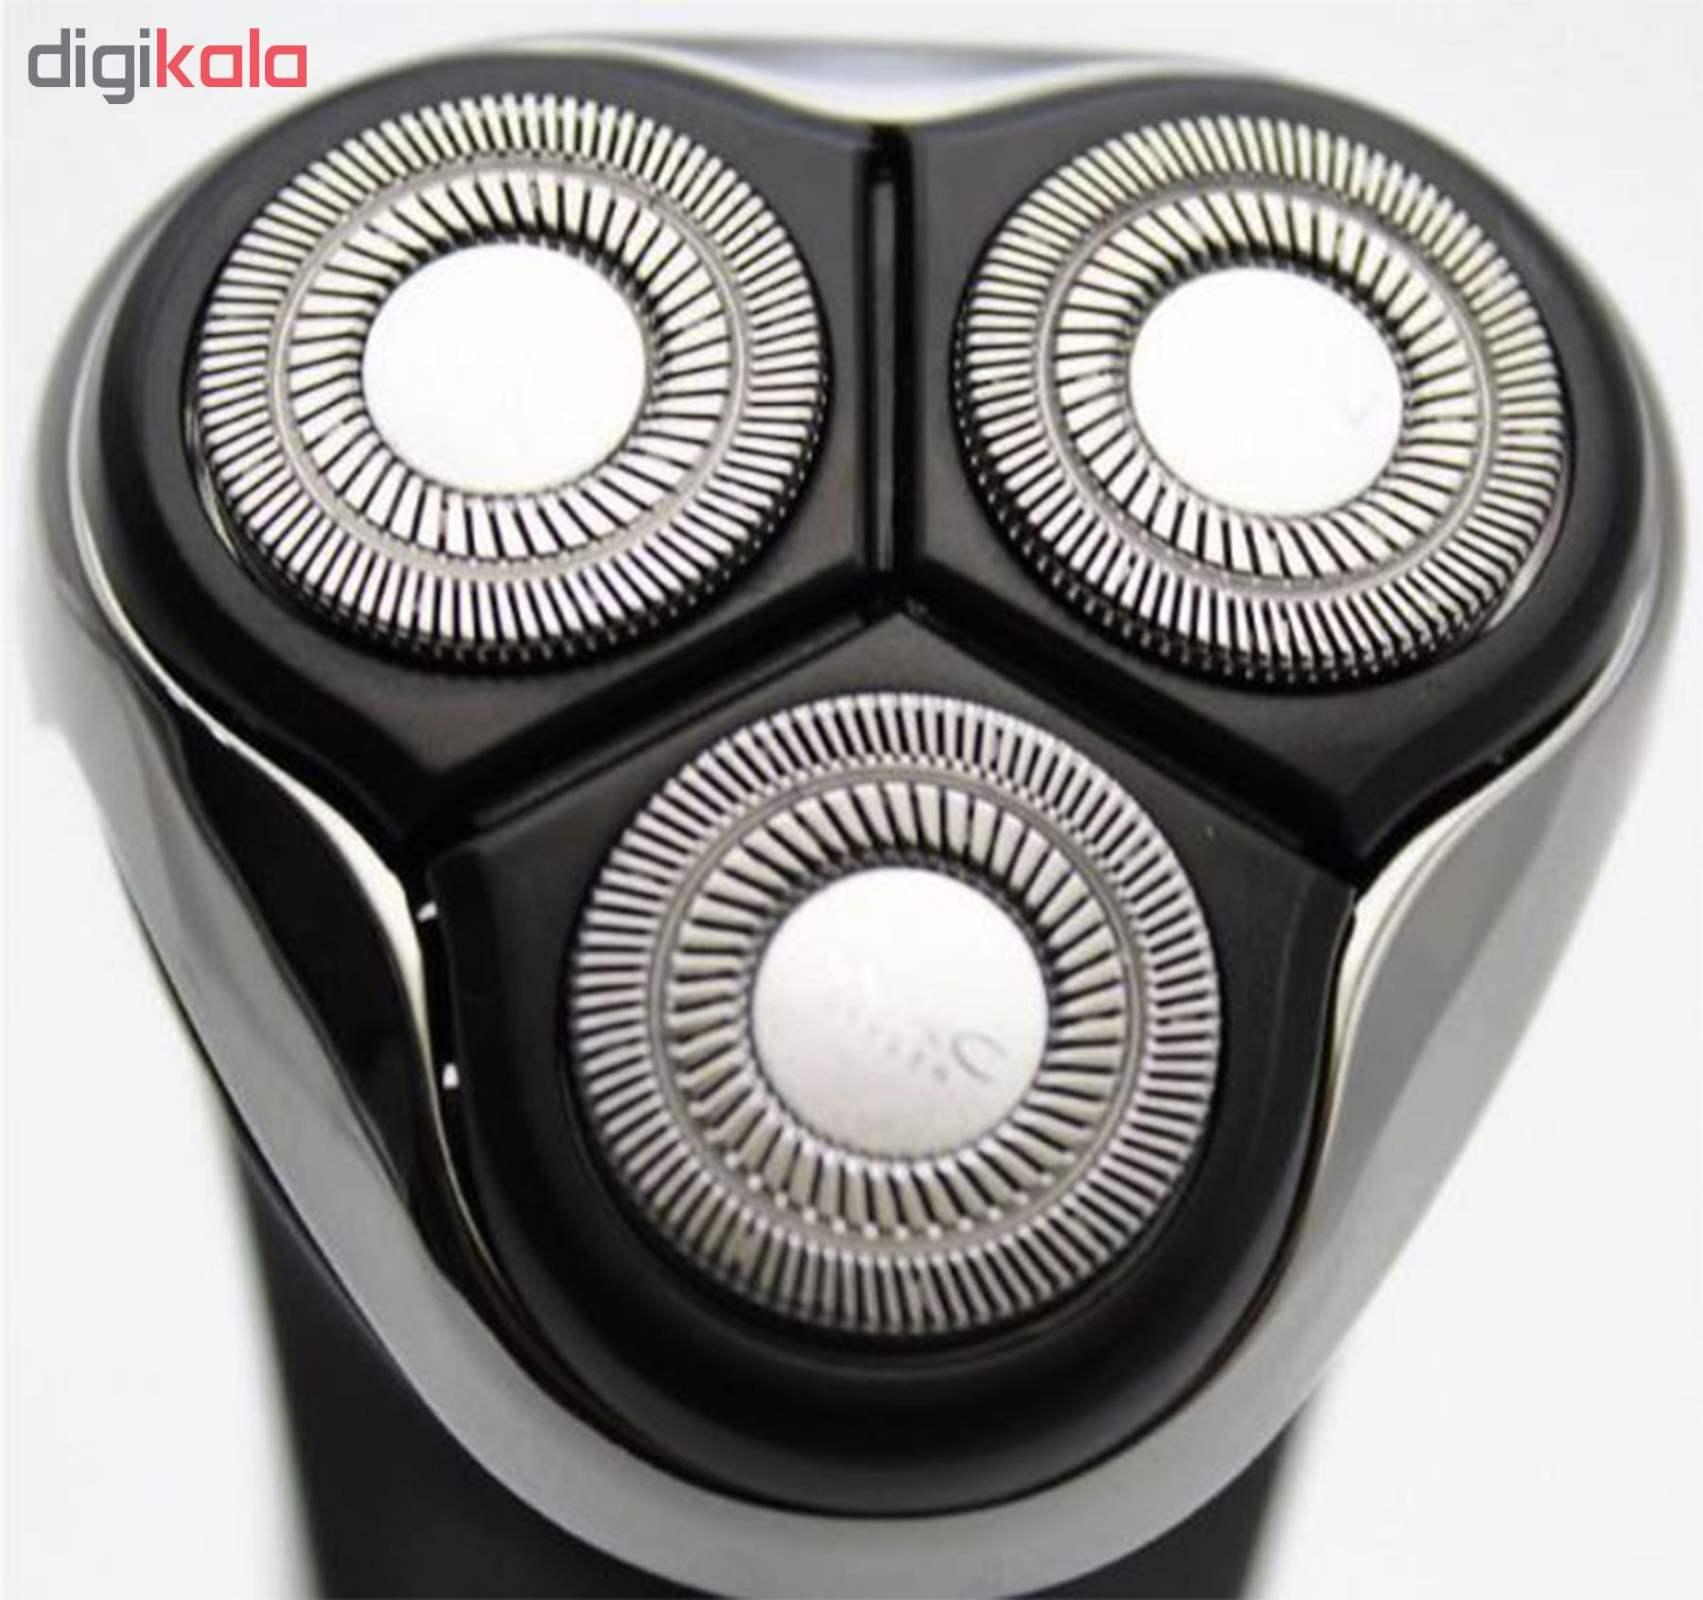 ماشین اصلاح موی صورت مک استایلر مدل MC-8815  M.A.C Styler MC-8815 Shaver